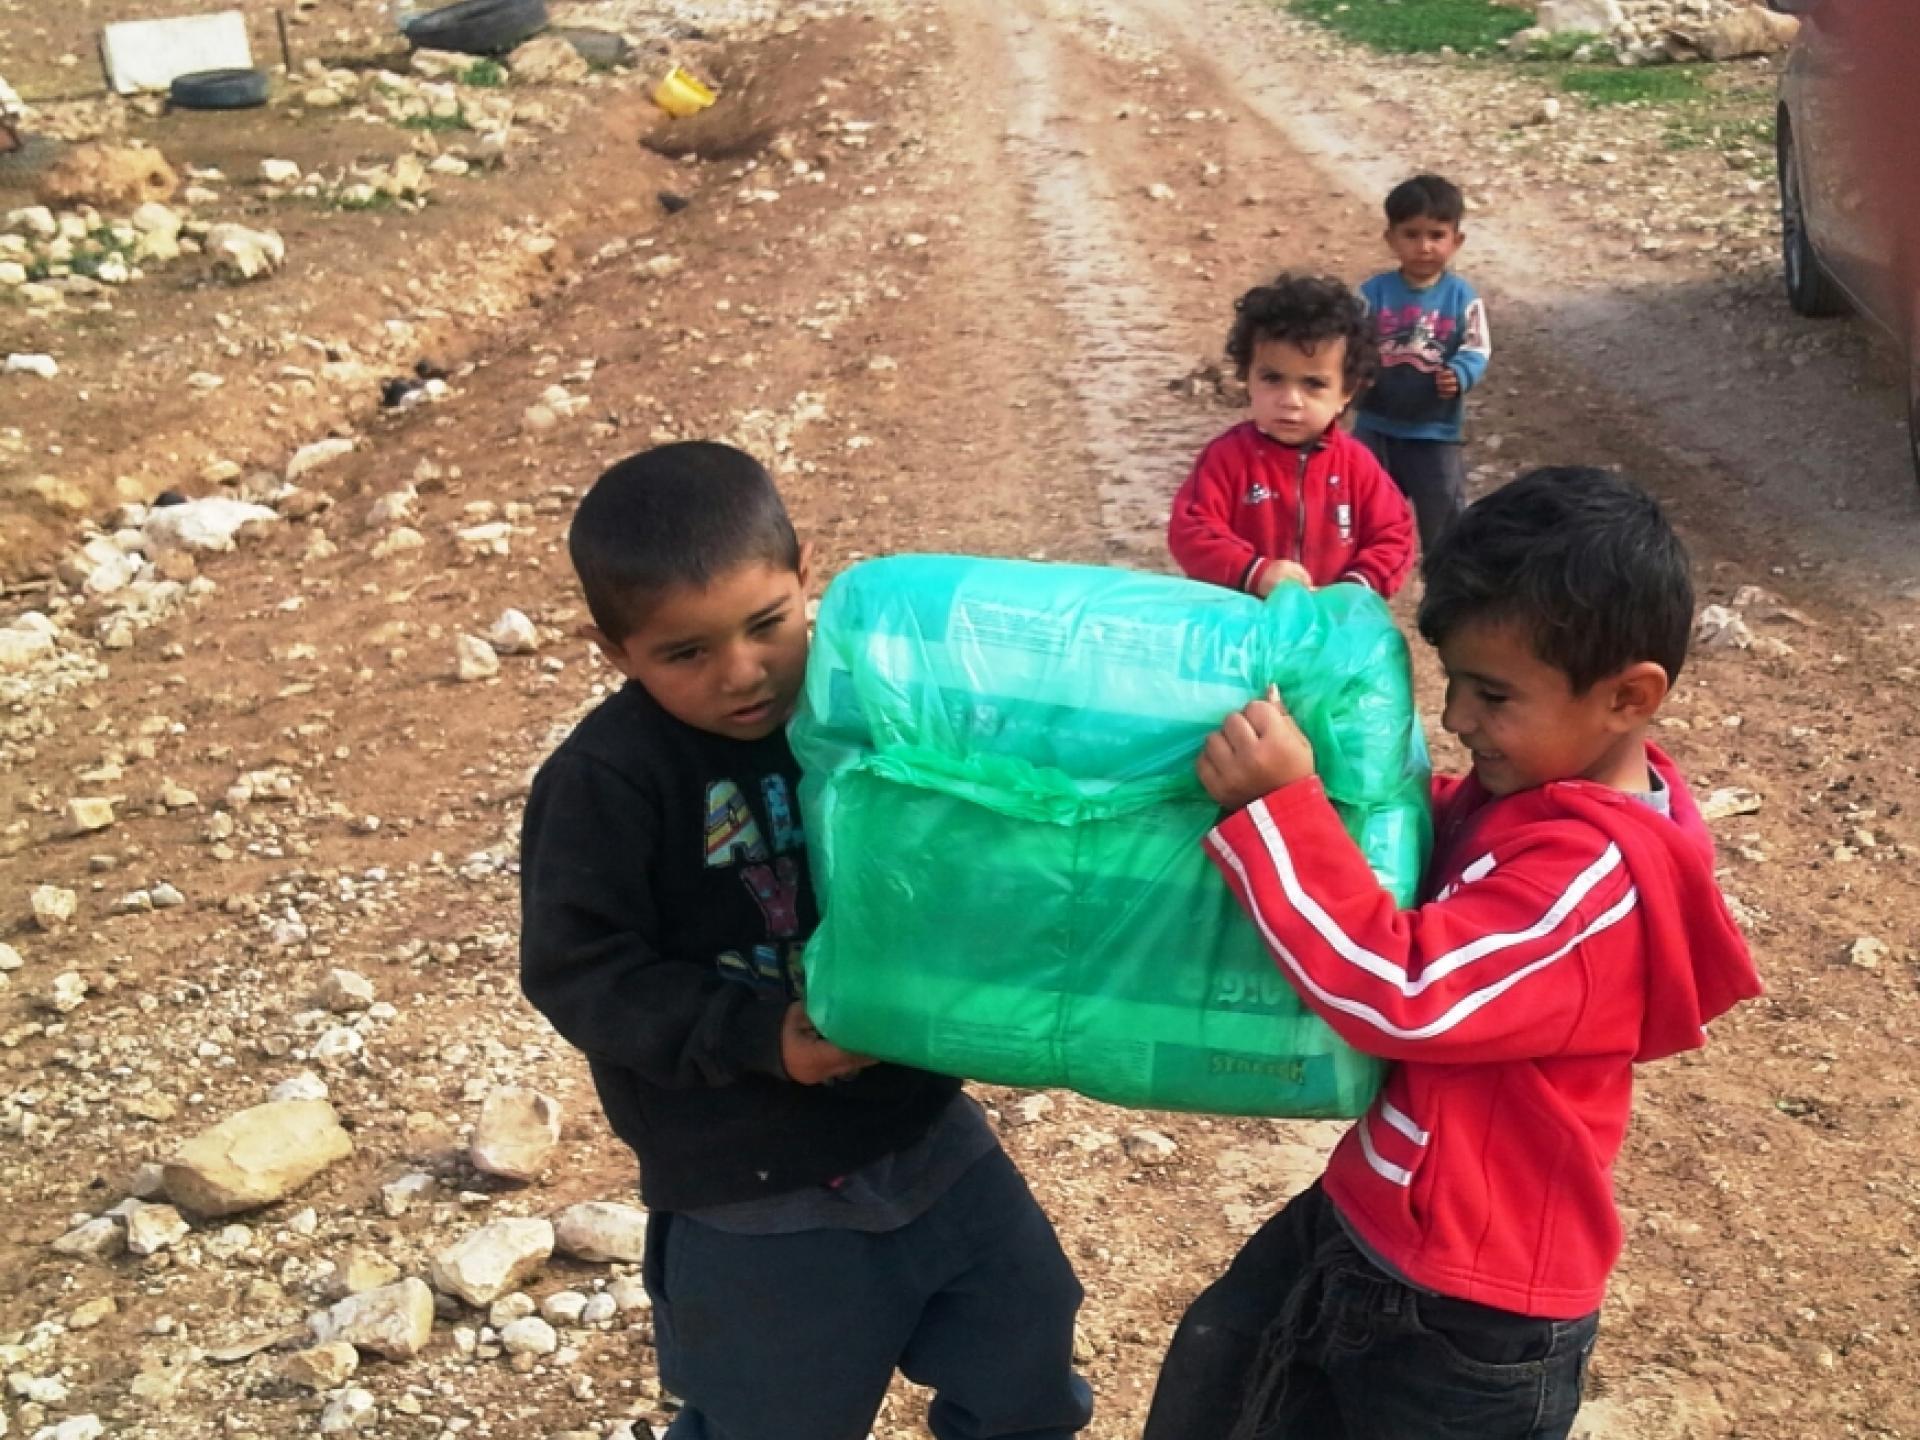 בקעת הירדן: מאמץ של שני אחים